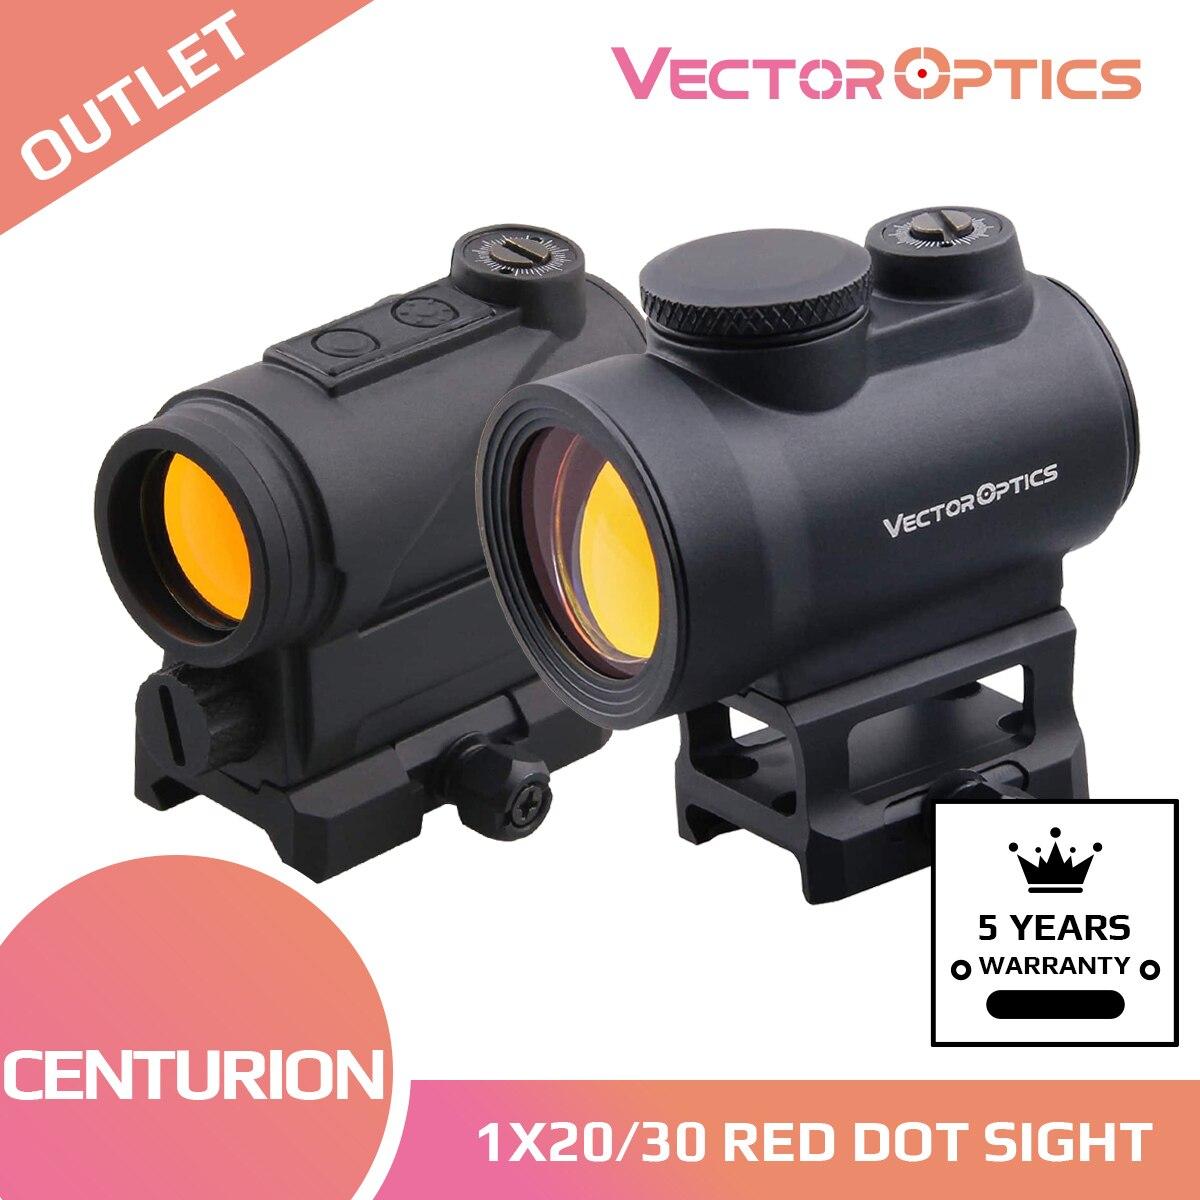 1x20 3MOA منظر نقطة حمراء للصيد ناقلات البصريات ريد دوت الصيد نطاق و 1x30 جهاز الرؤية العاكس للبندقية